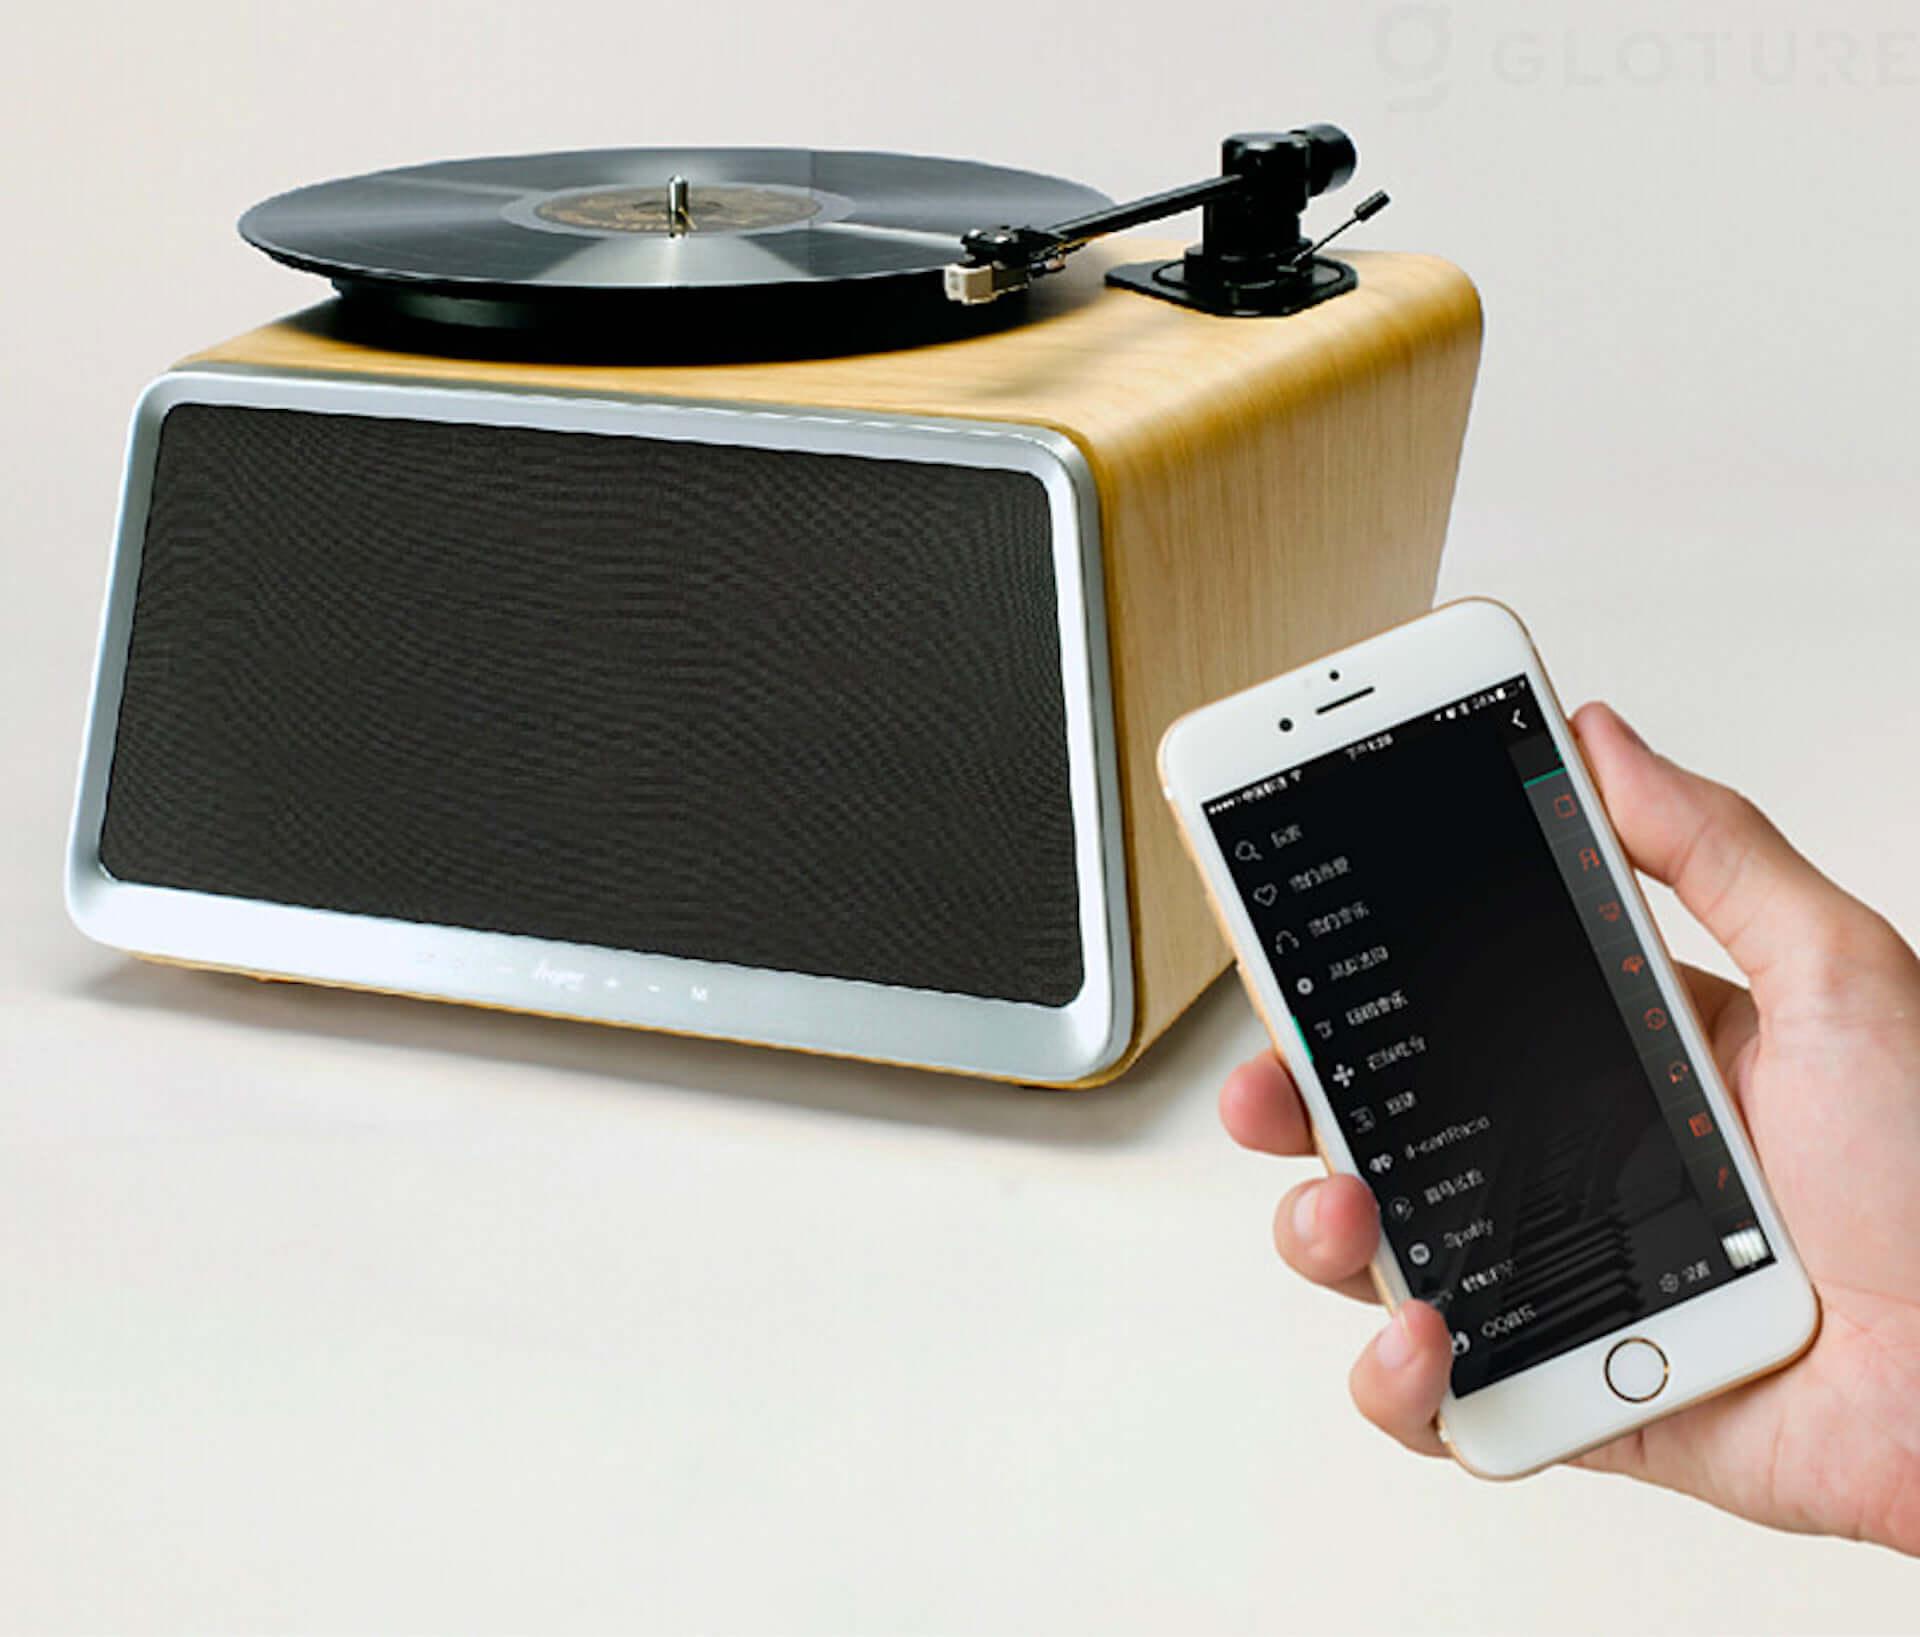 レコードもスマートフォンの音楽もこれ1つで!スピーカー内蔵型レコードプレイヤーがGLOTURE.JPにて販売開始 tech200520_hymseed_04-1920x1637